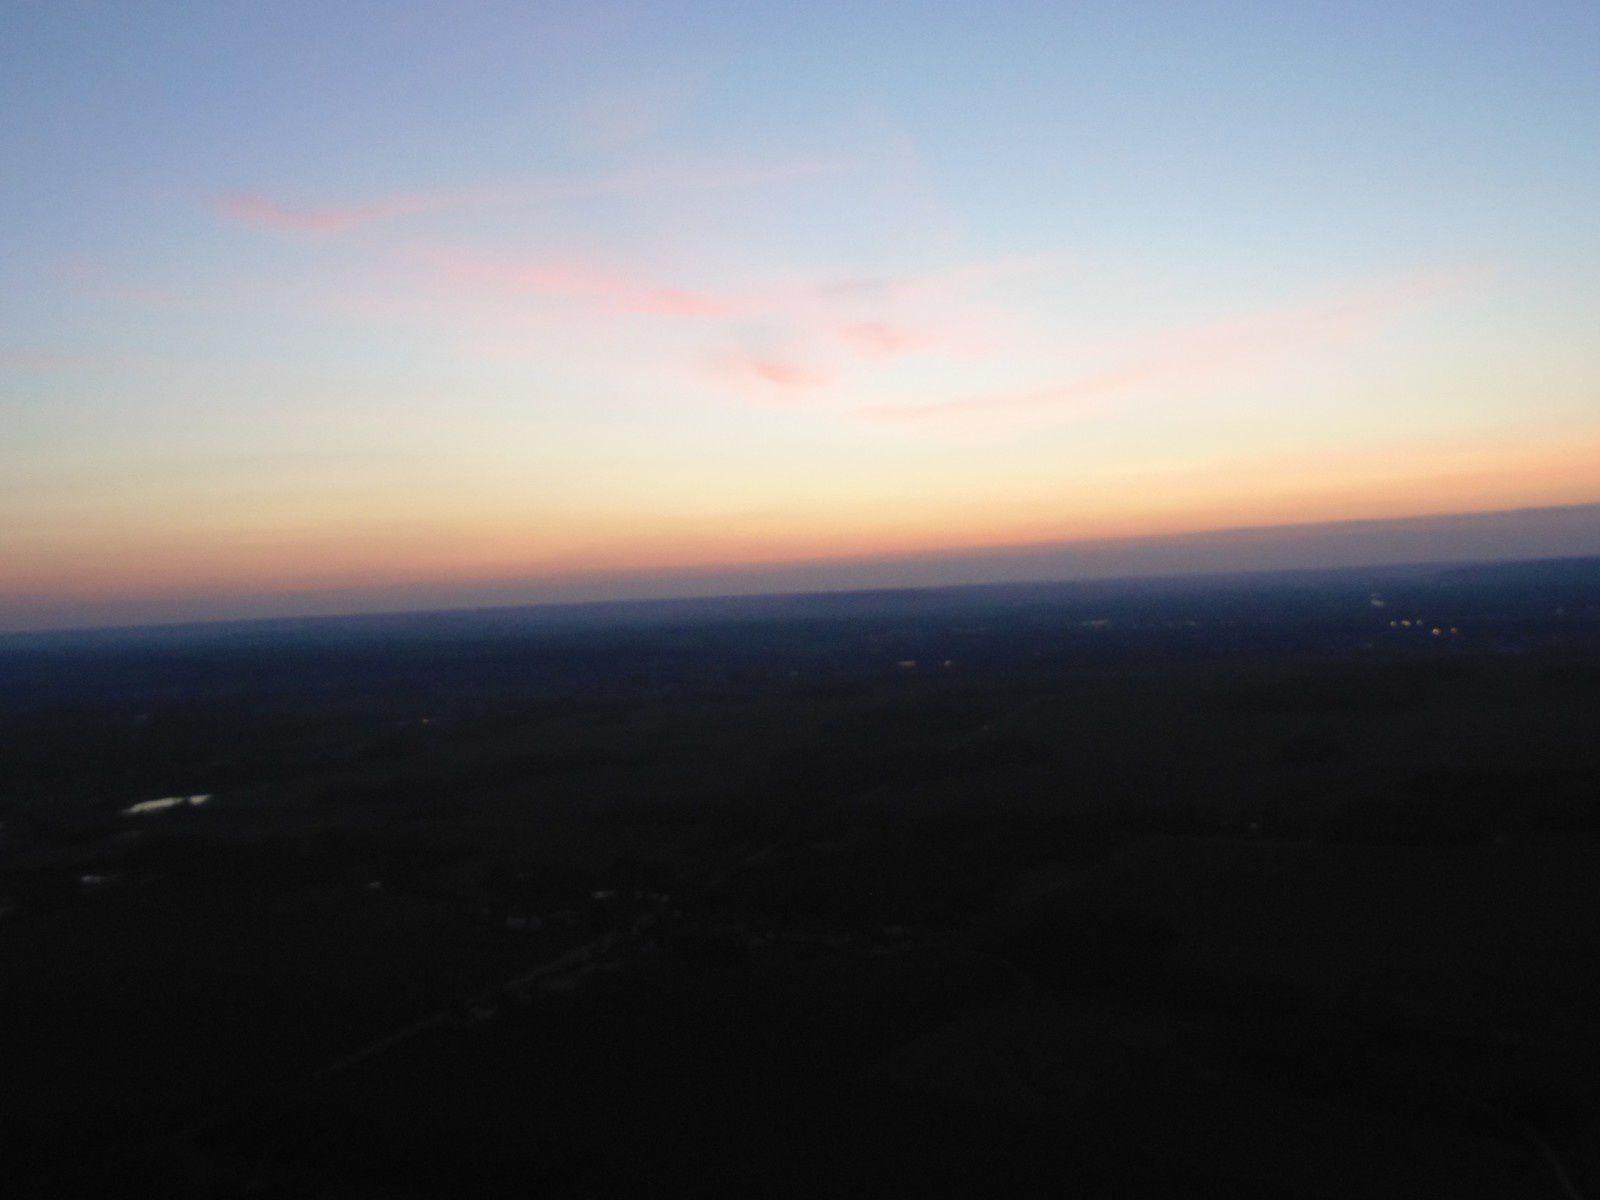 Trop tard pour le coucher de soleil ... Le sol est plus éclairé qu'il n'y parait sur la photo.